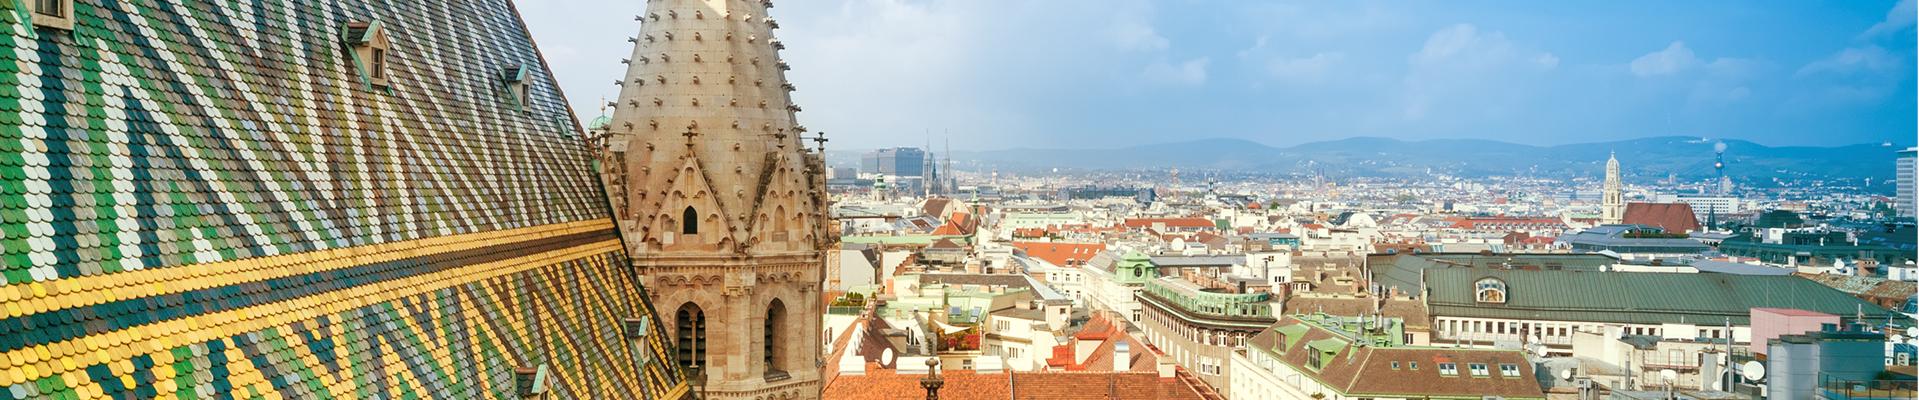 Alle Wege führen nach Wien